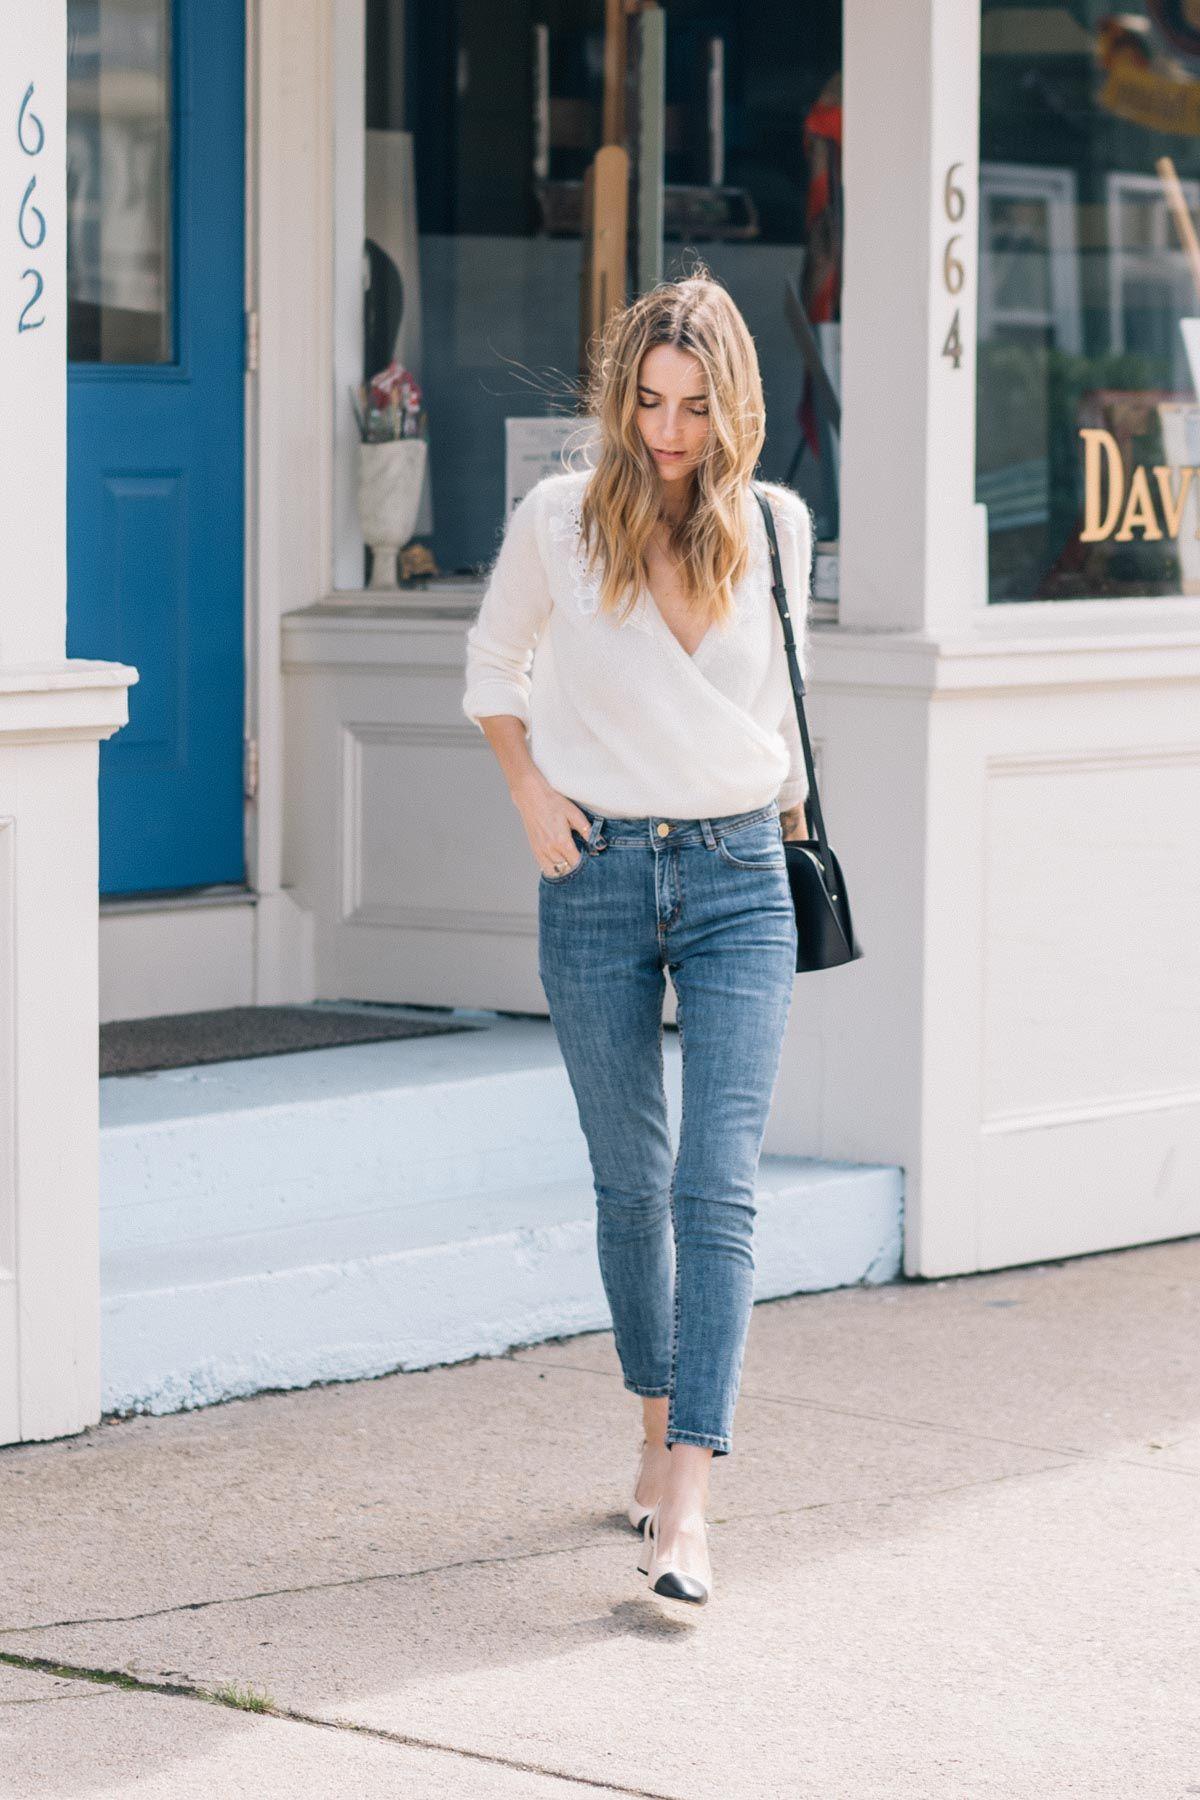 Sezane Denim Review + Two Outfit Ideas | Jess Ann Kirby